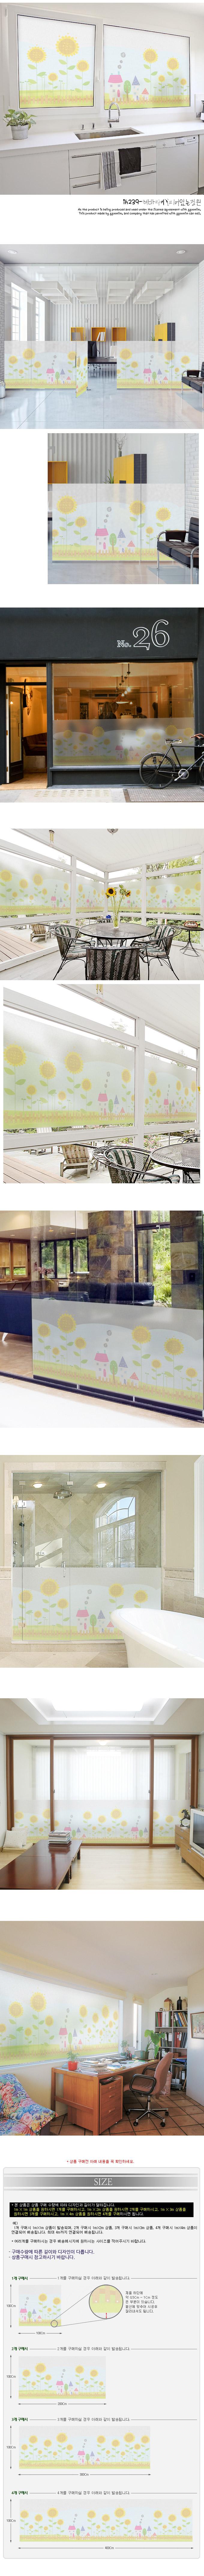 ih239-해바라기꽃이피어있는정원글라스시트_글라스시트지 - 꾸밈, 16,000원, 벽지/시트지, 플라워 시트